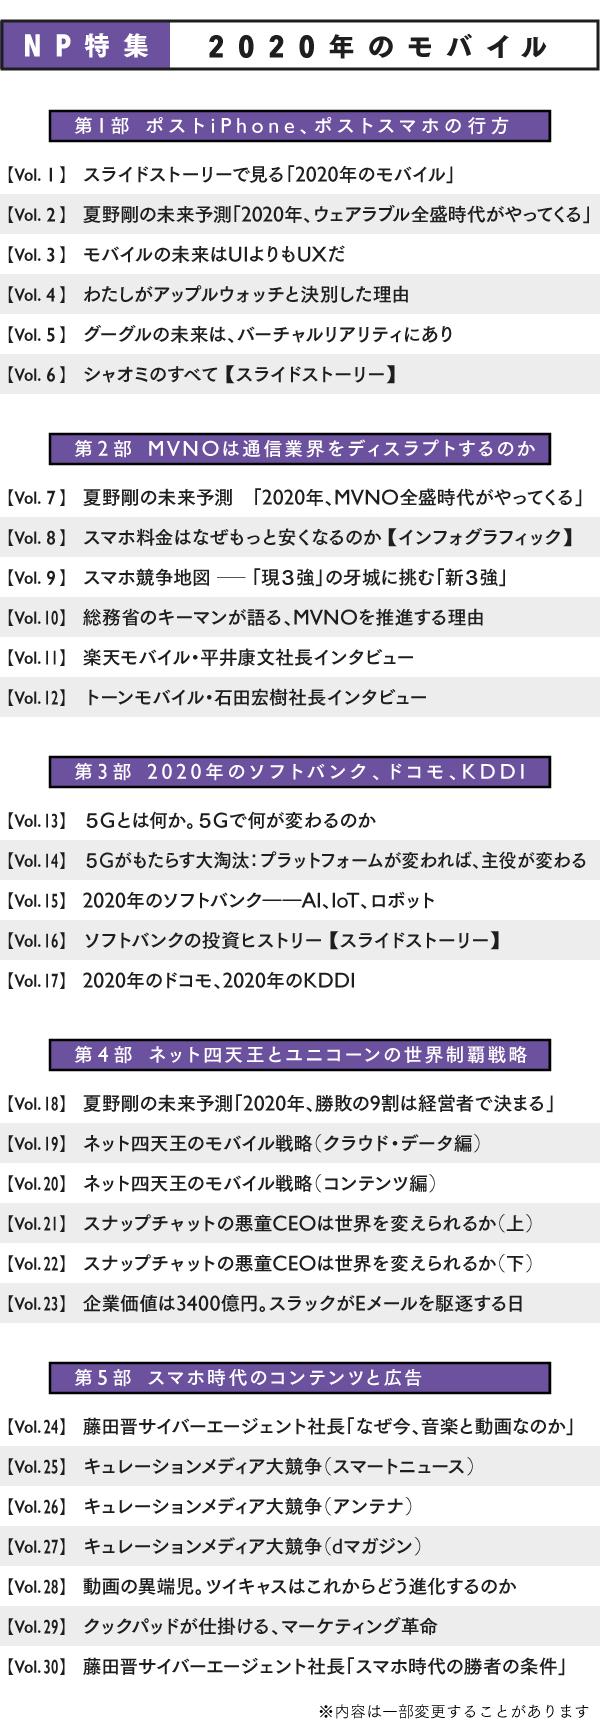 モバイル特集_目次 (3)